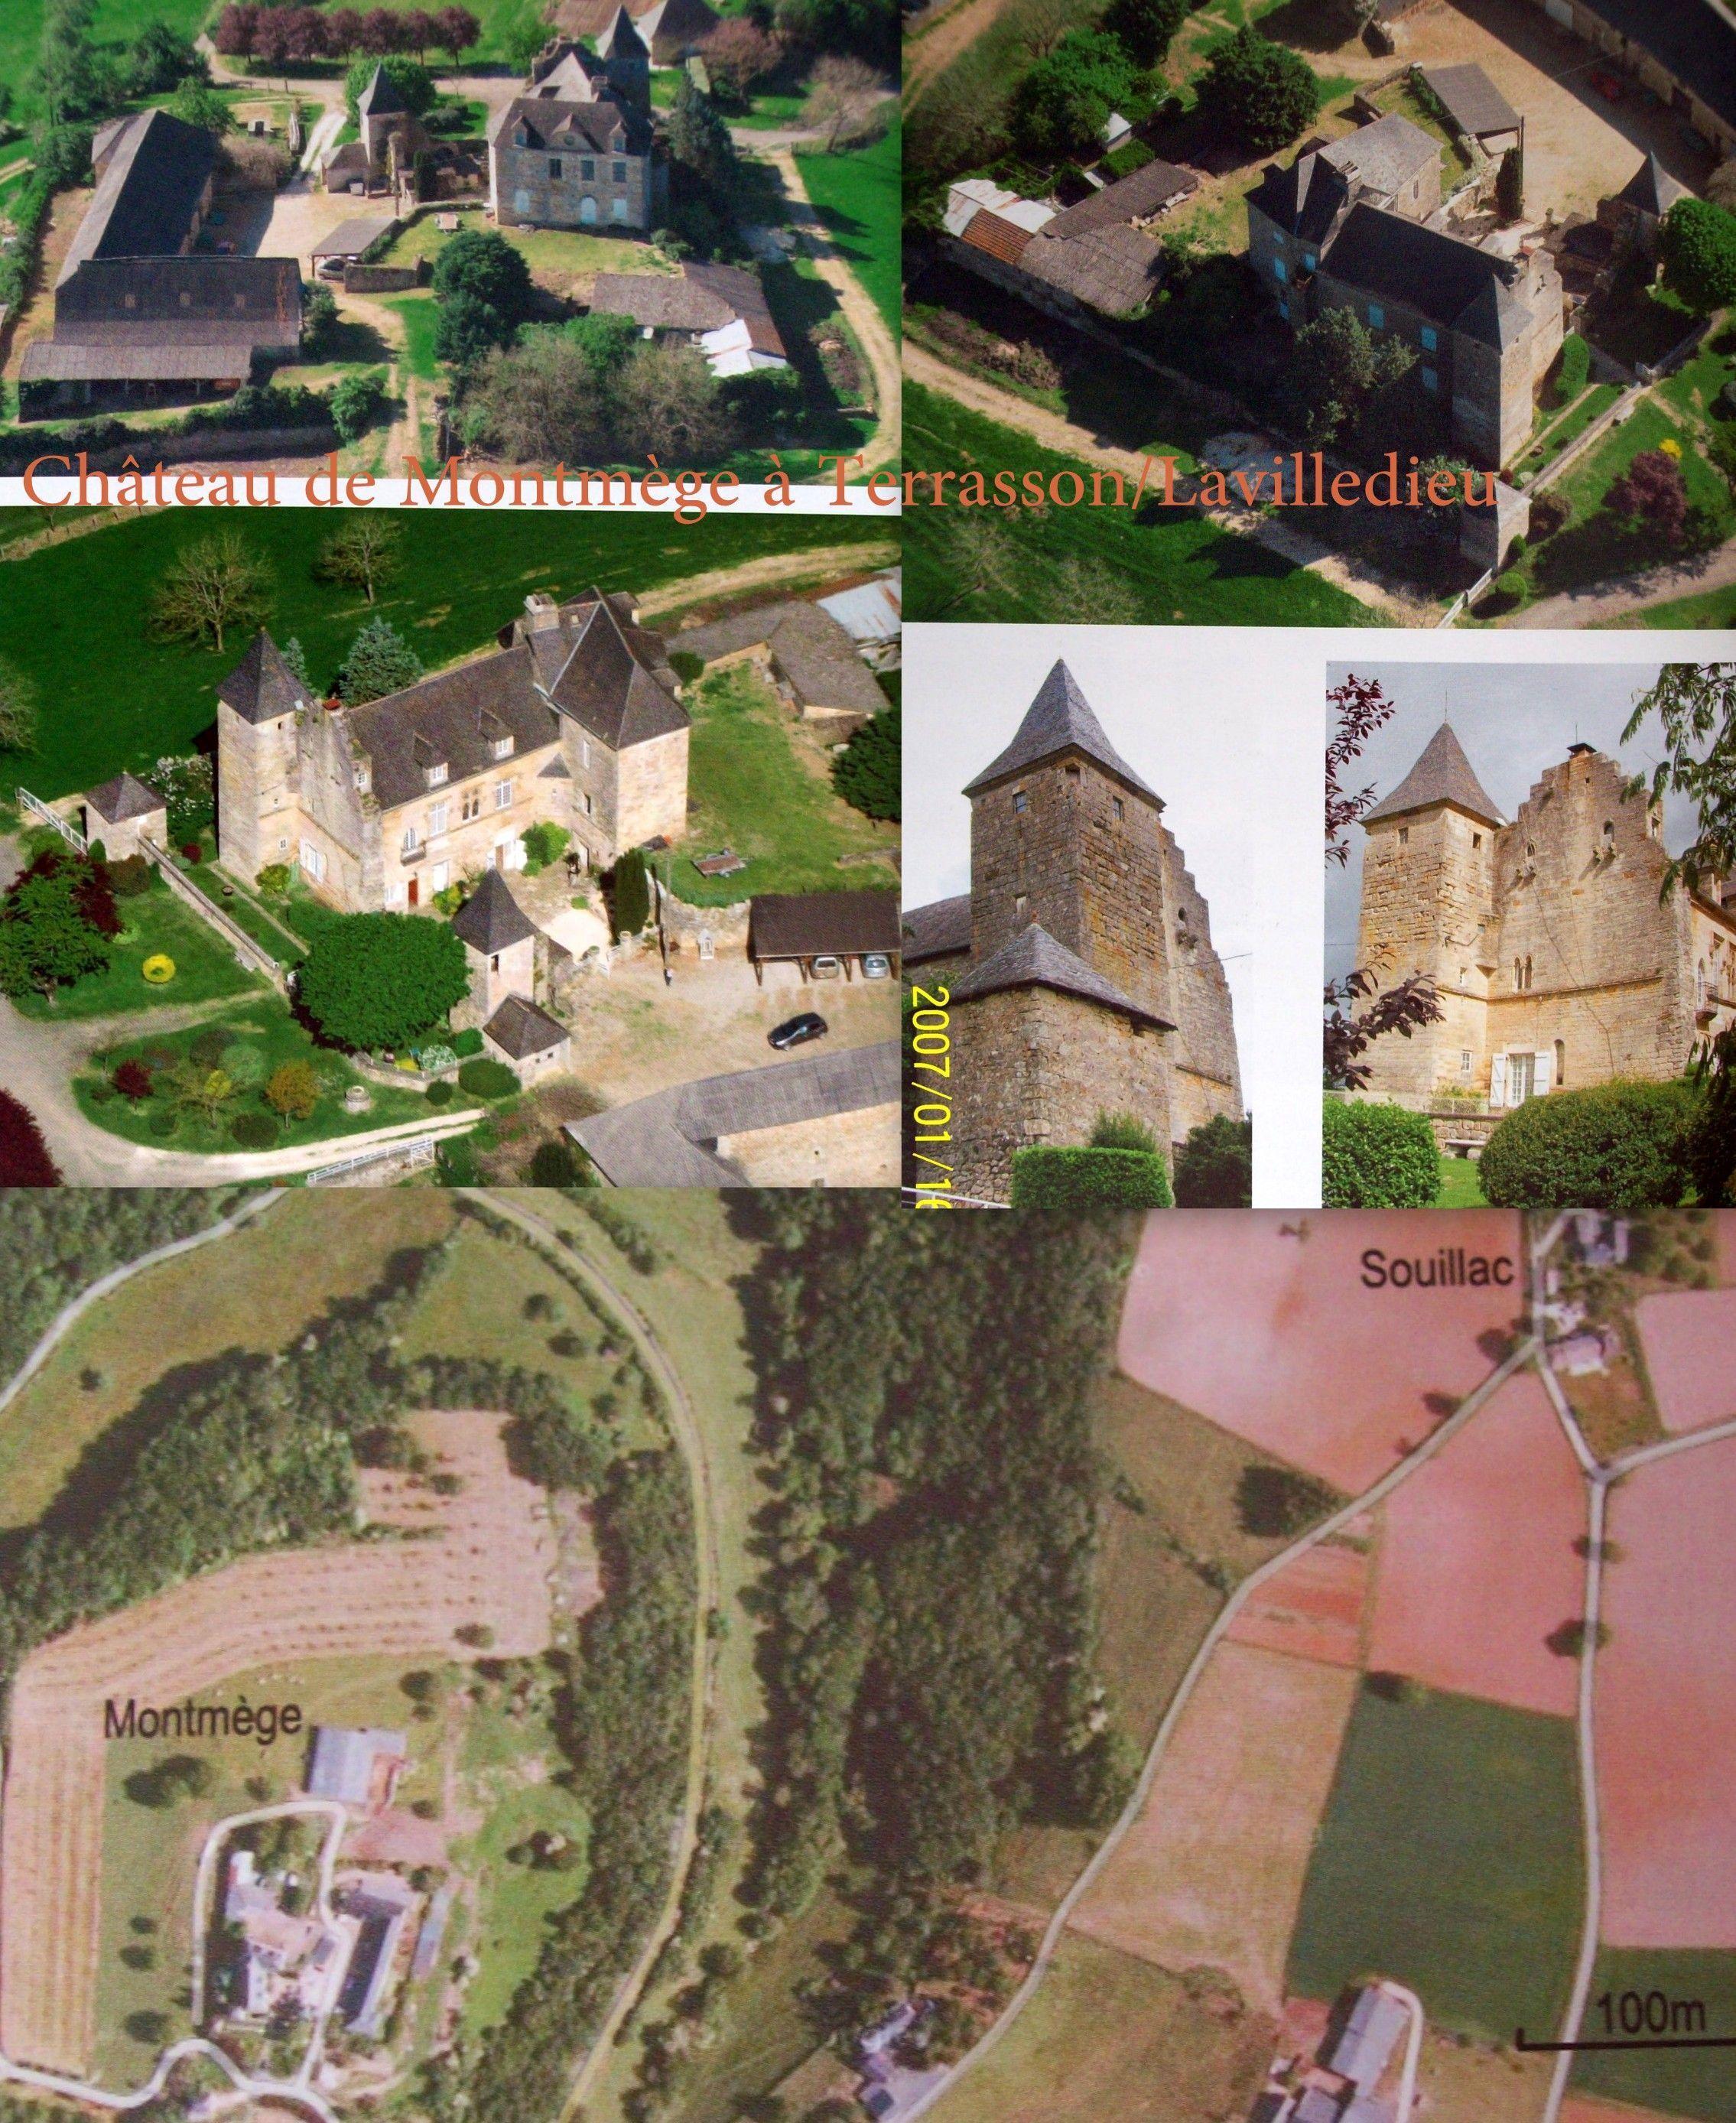 Château De Montmege Commune De Terrasson Lavilledieu